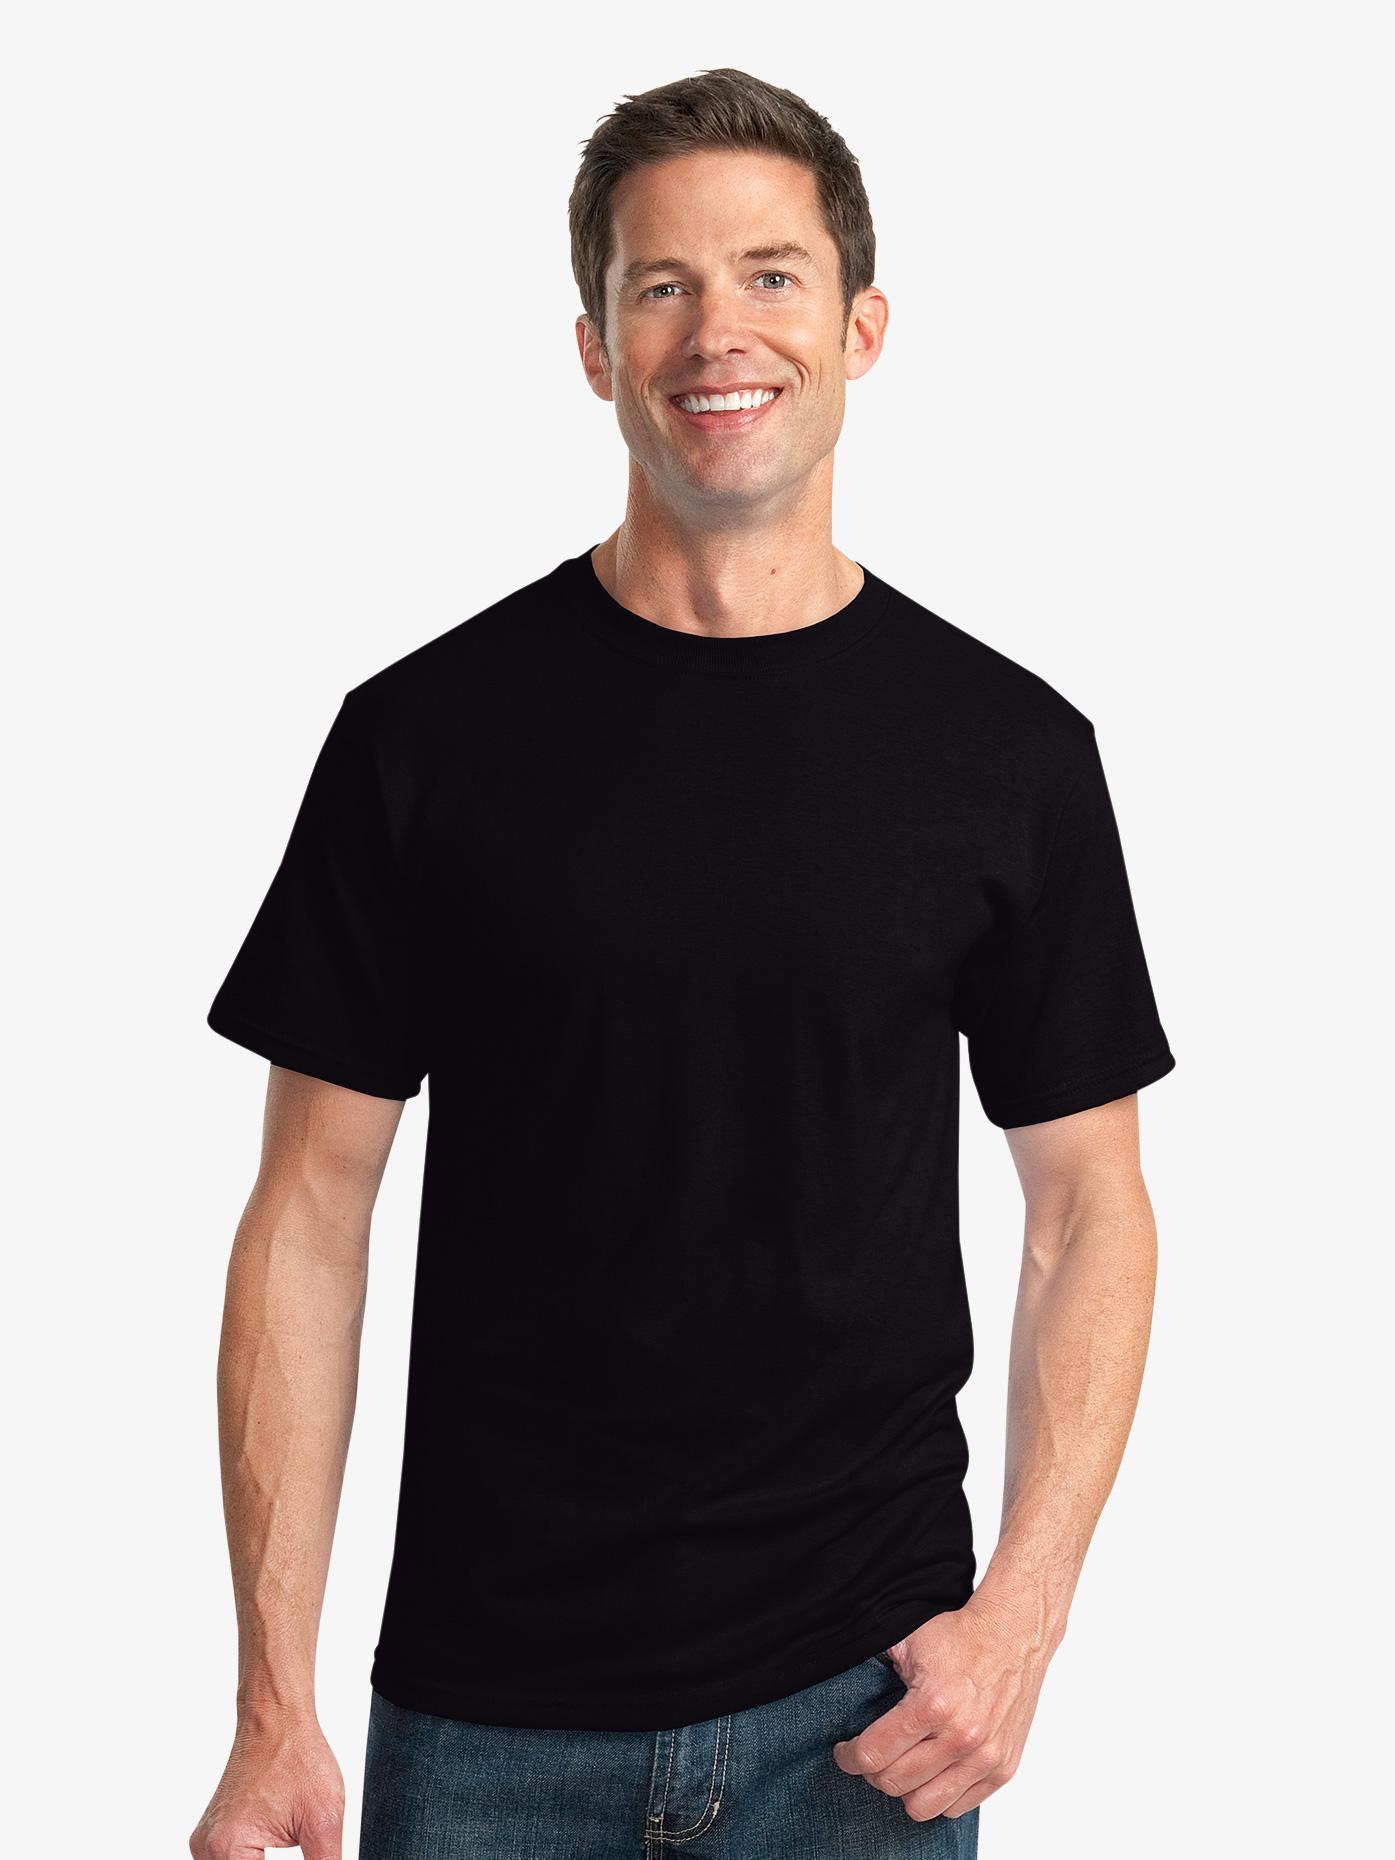 B-YOU Mens Cotton/Poly T-Shirt 29M